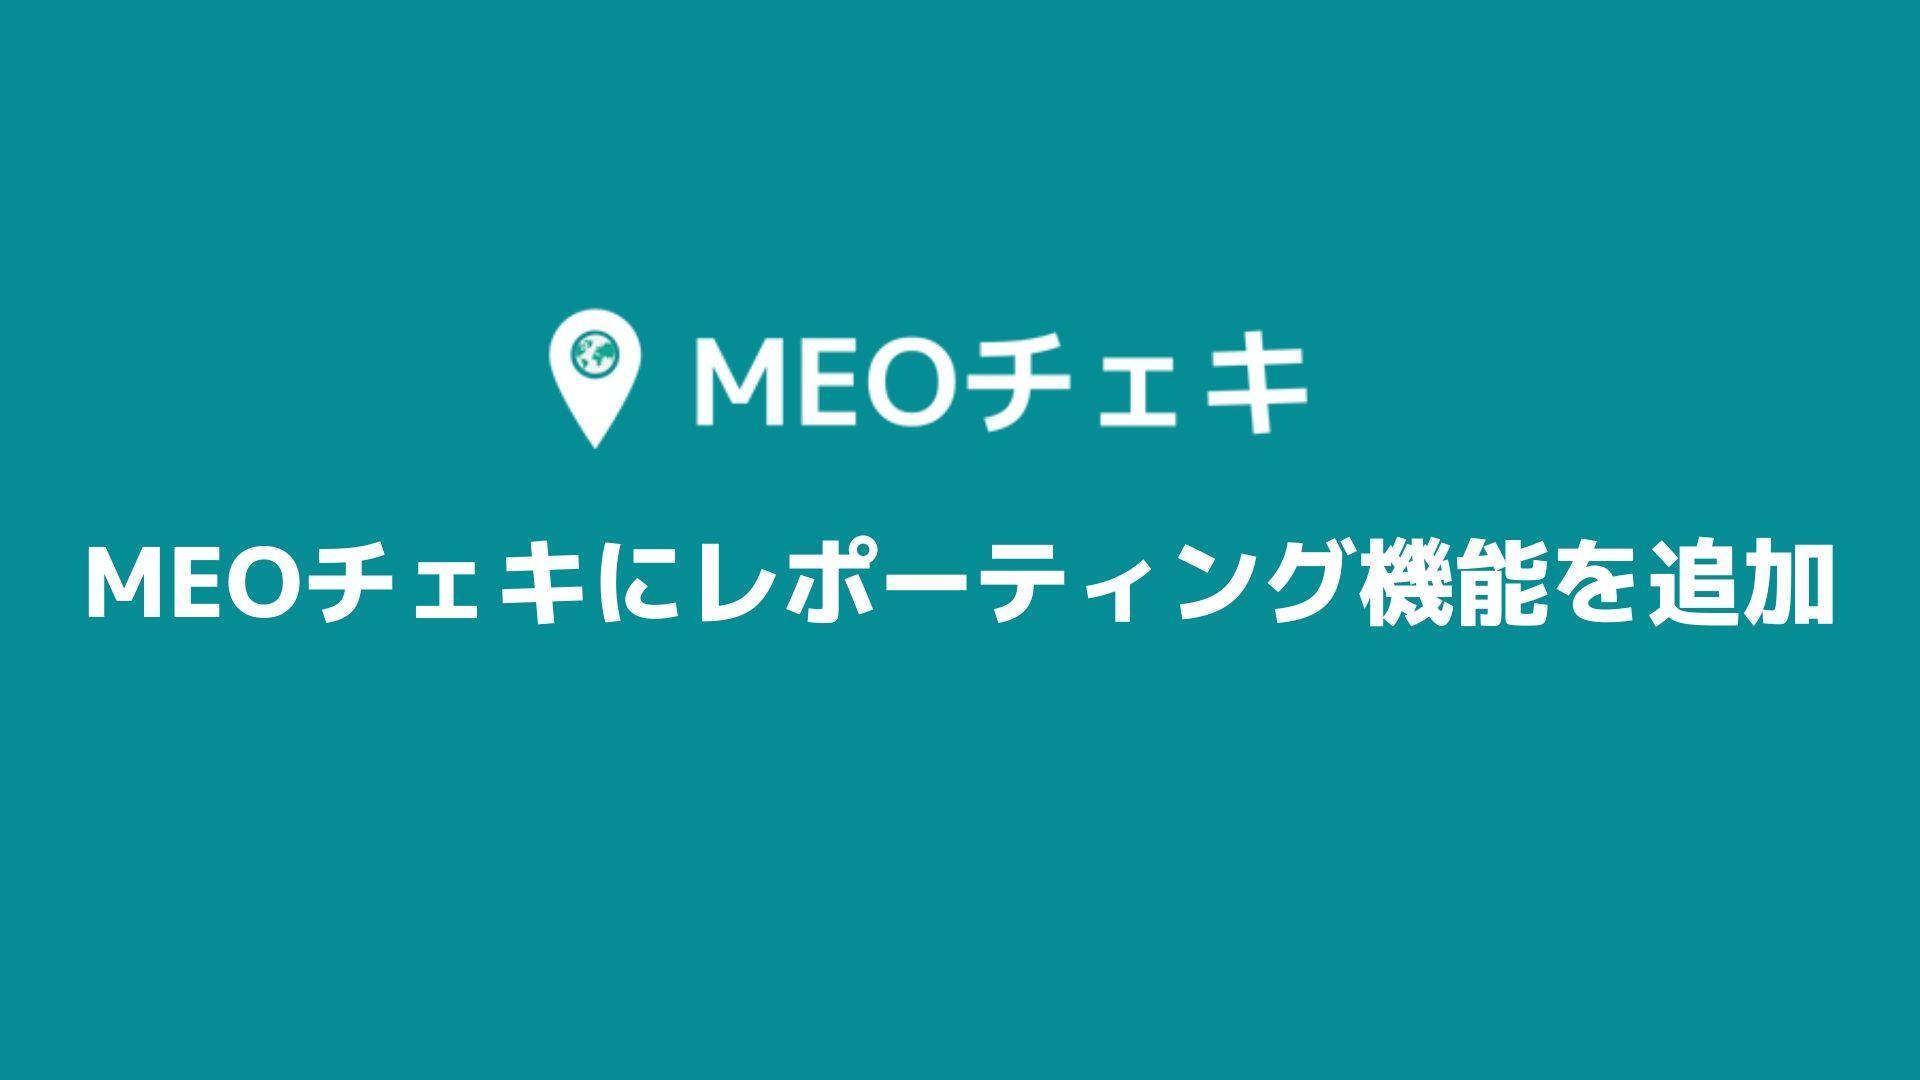 MEOチェキにレポーティング機能追加!